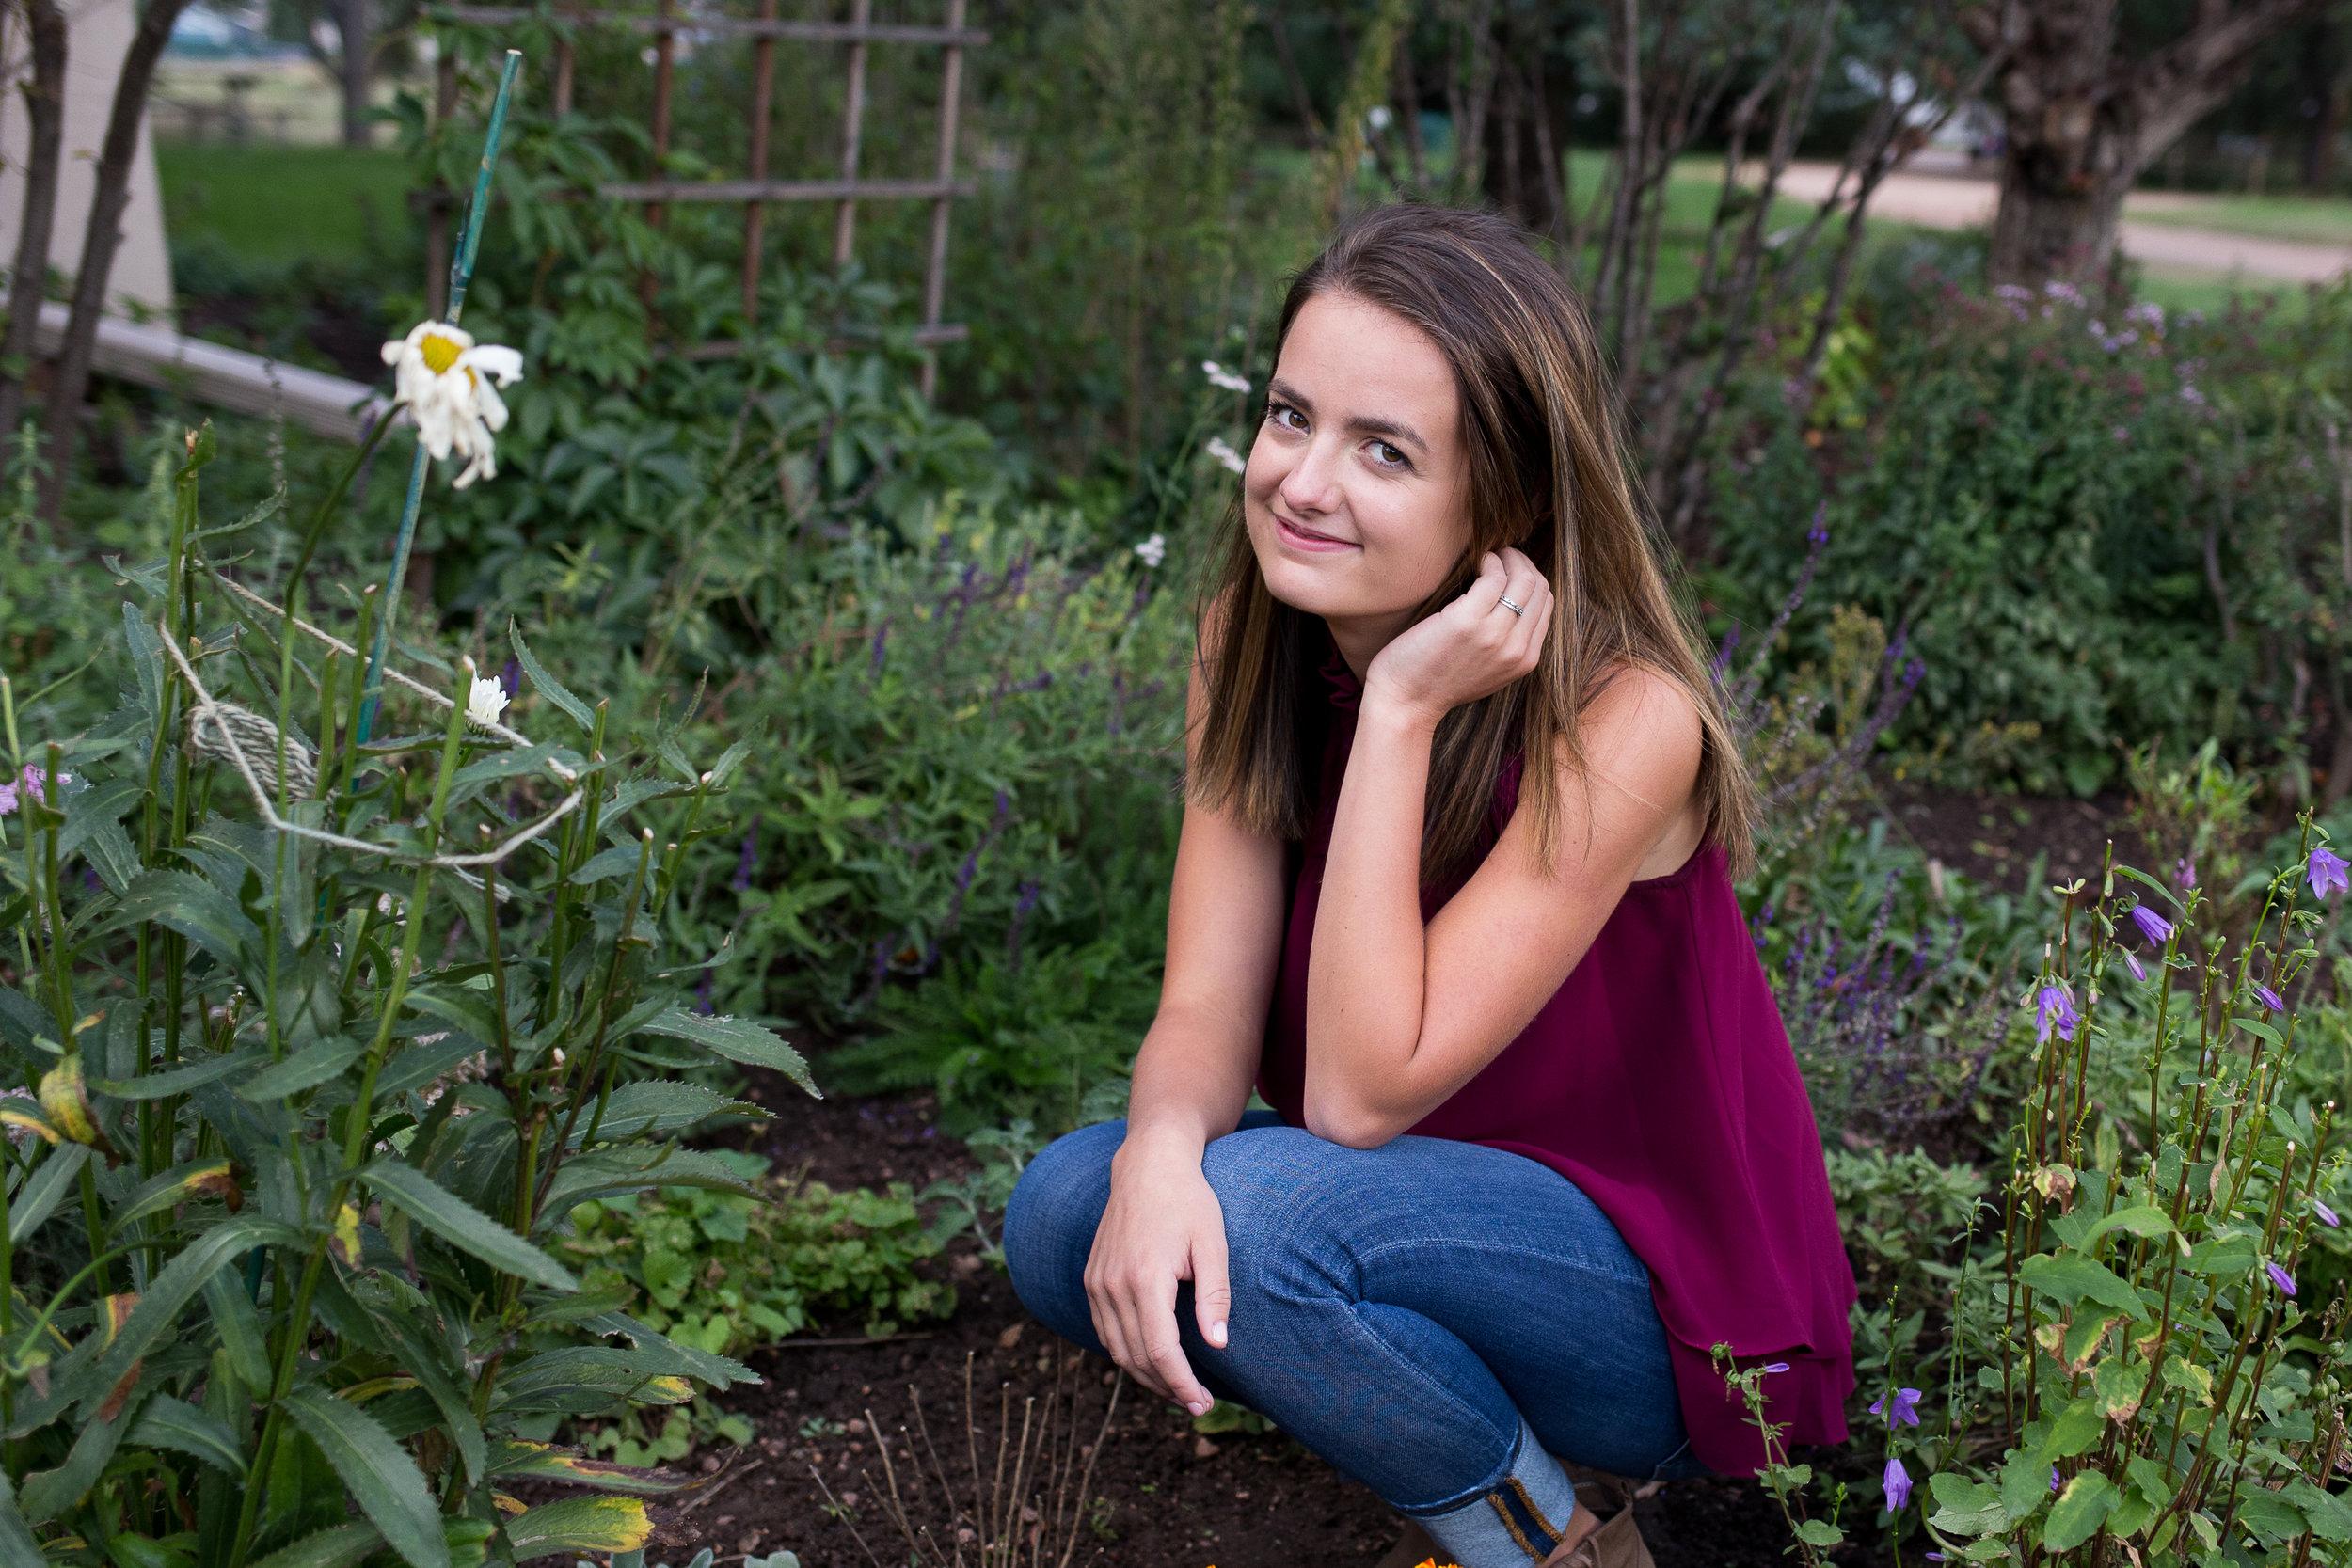 Stacy Carosa Photography Colorado Springs Senior Photography Rock  Ledge Ranch Senior Photos in Colorado  Springs Fall Senior Photos